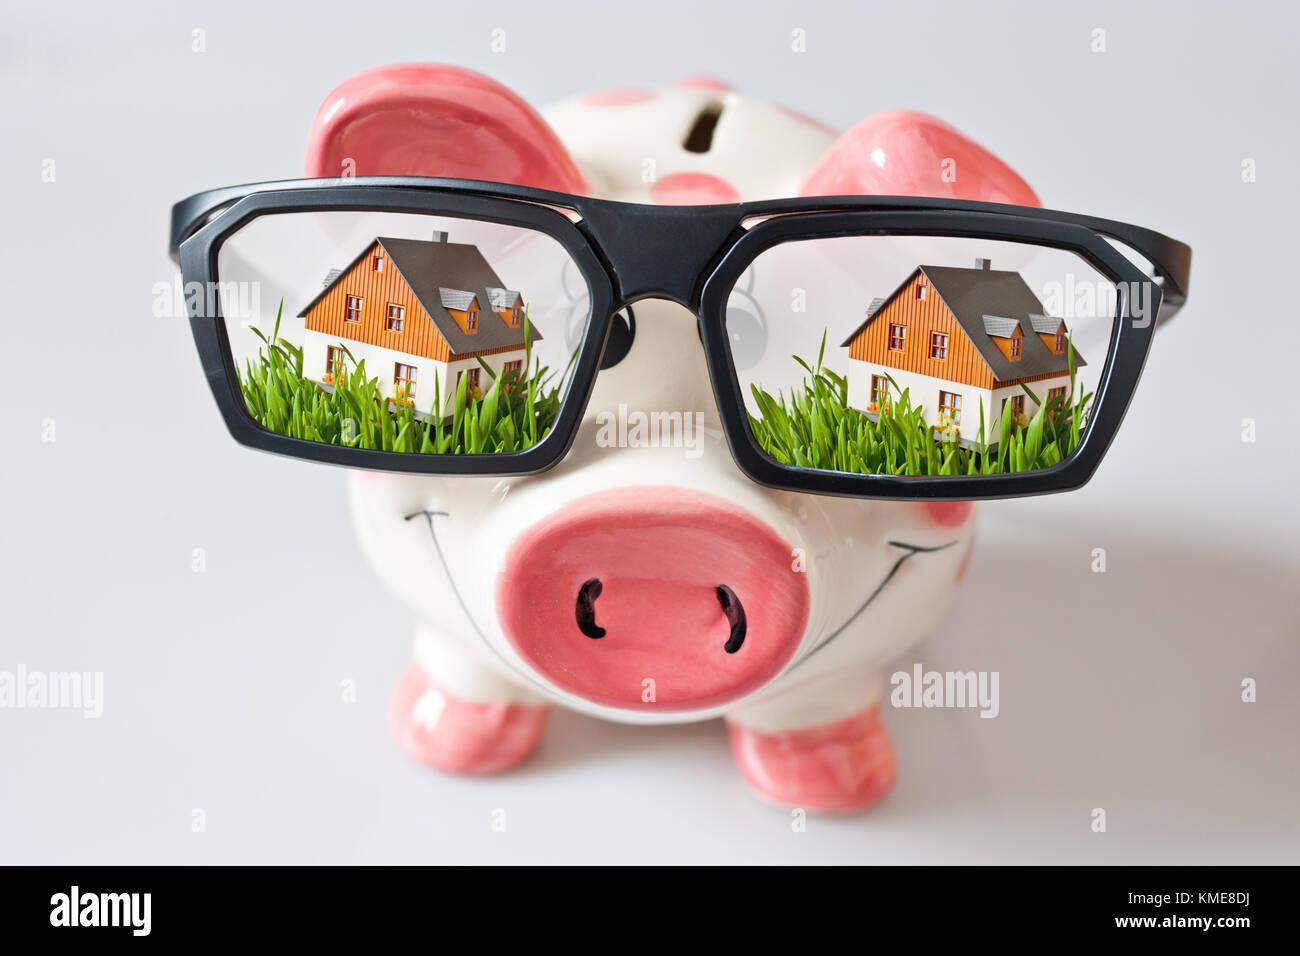 Půjčky ihned na účet do 21:00